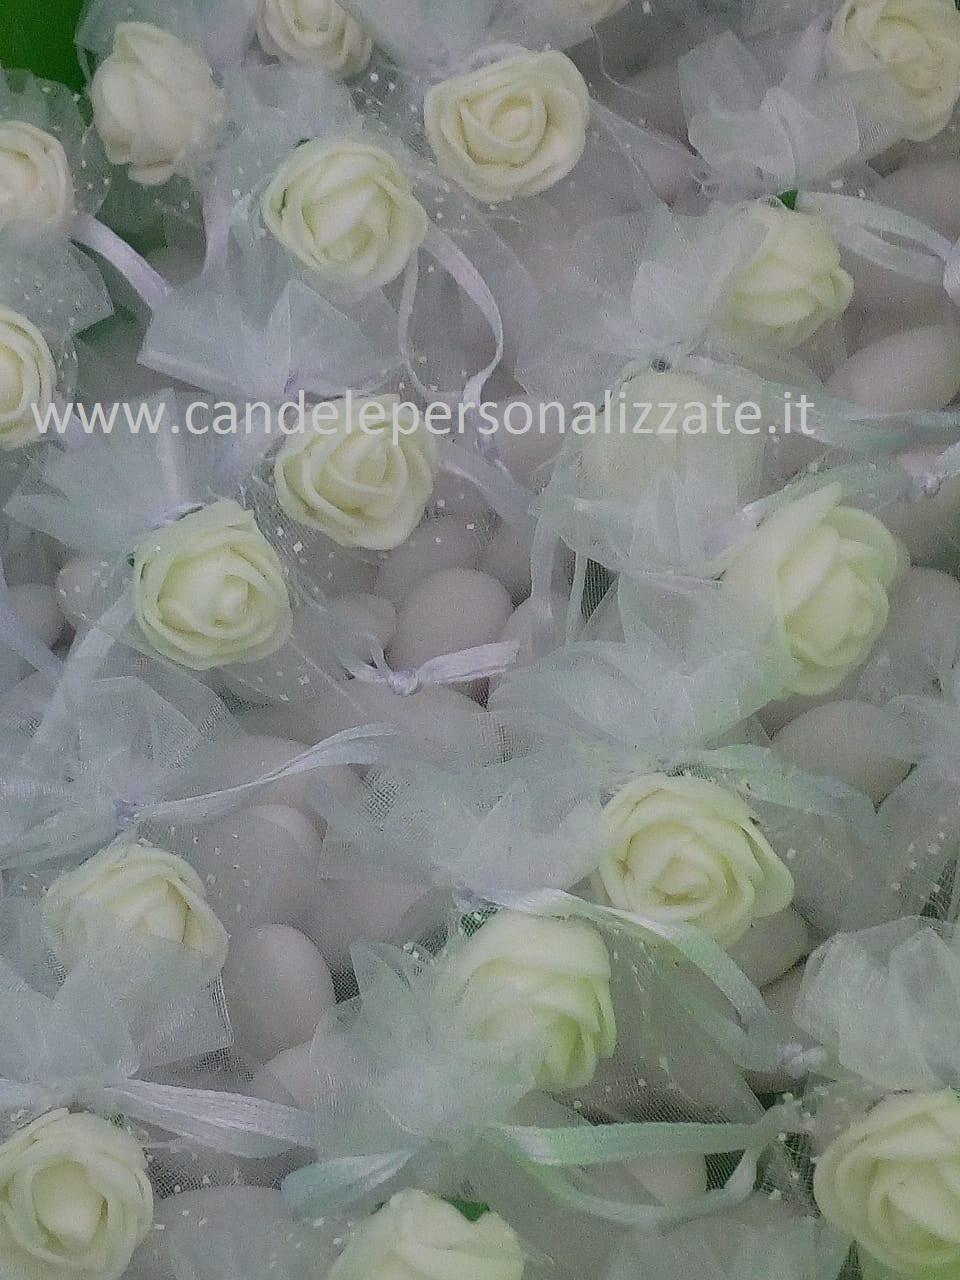 sacchettini con confetti per matrimonio